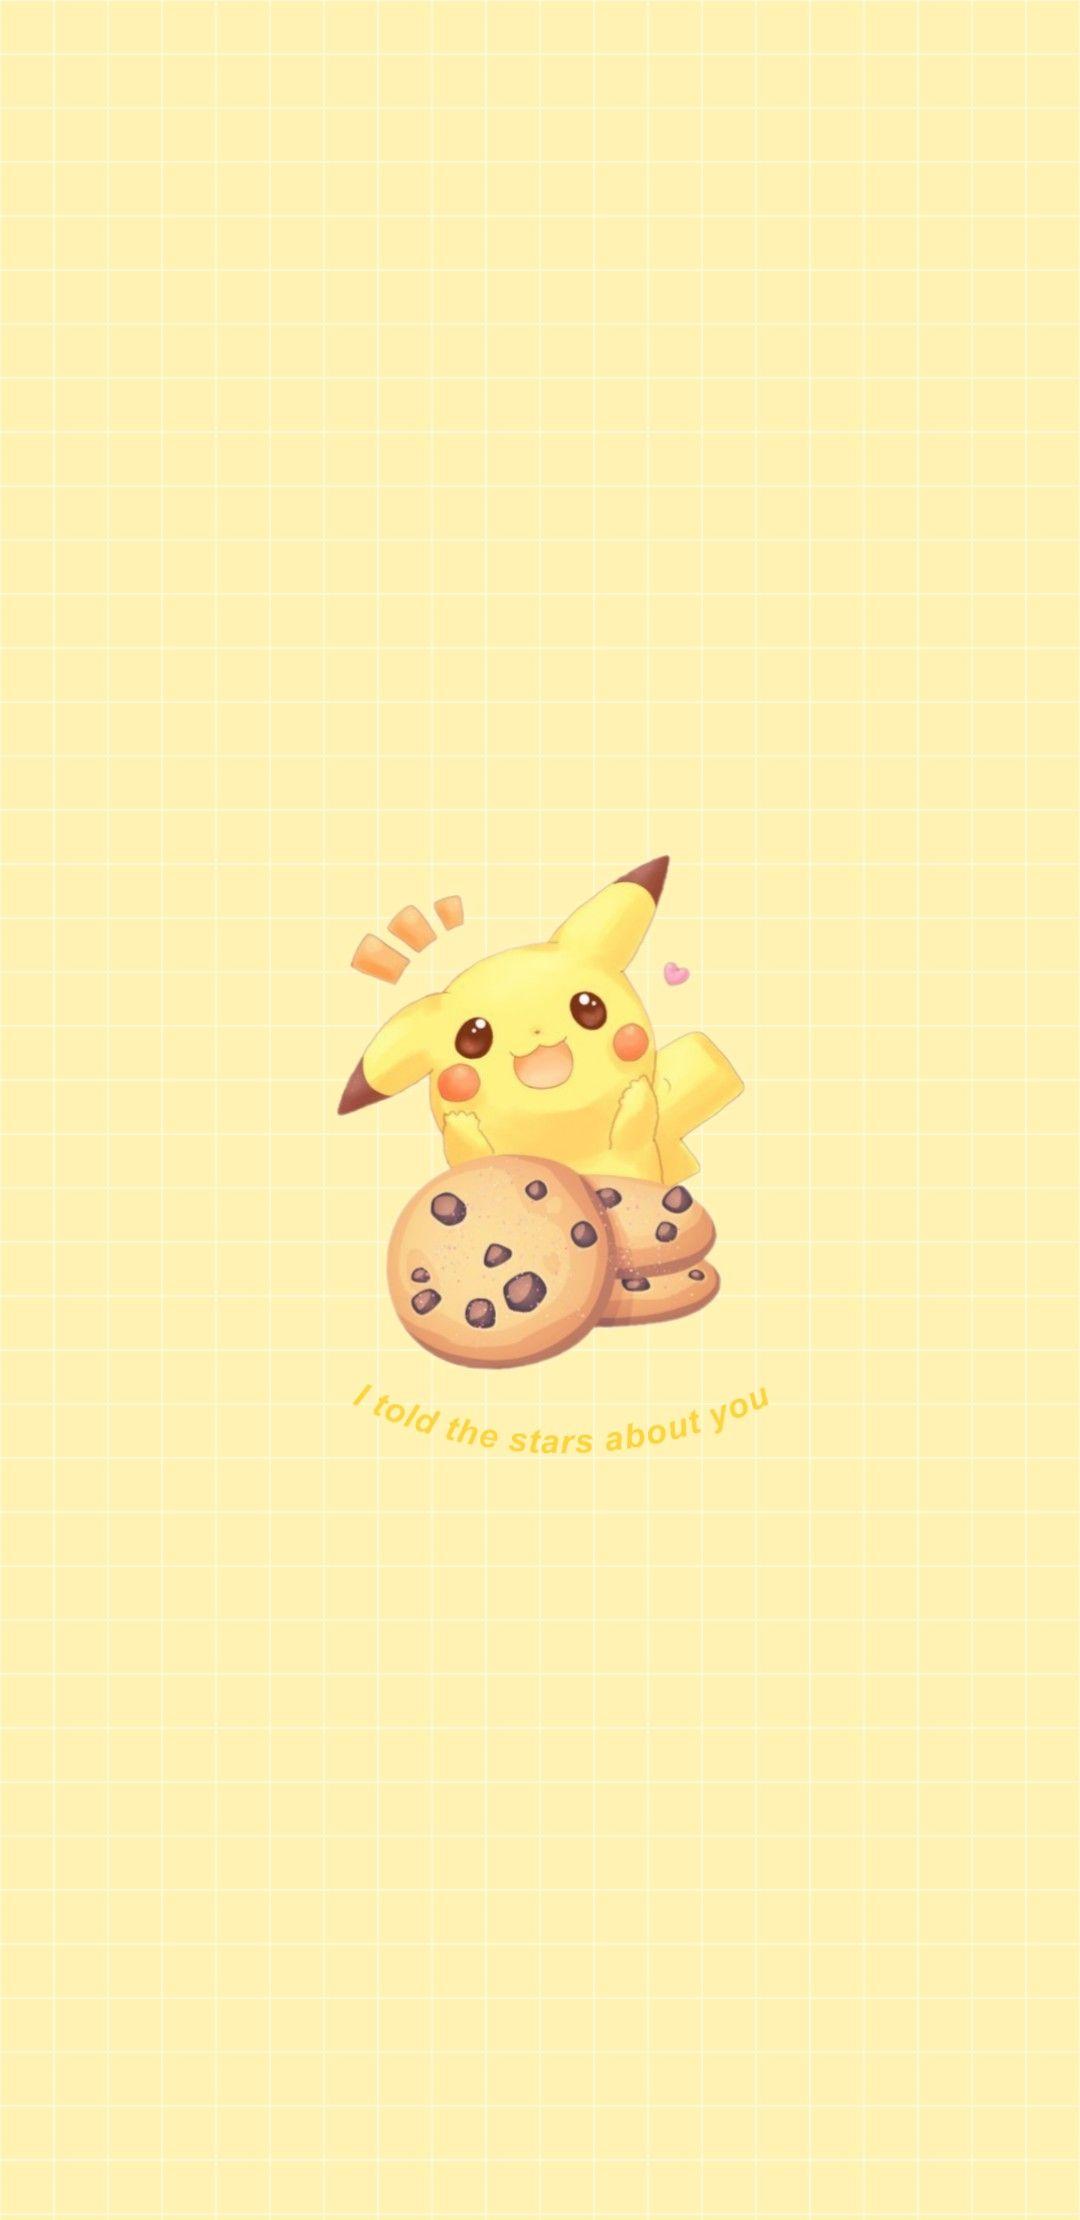 Ảnh nền Pikachu điện thoại